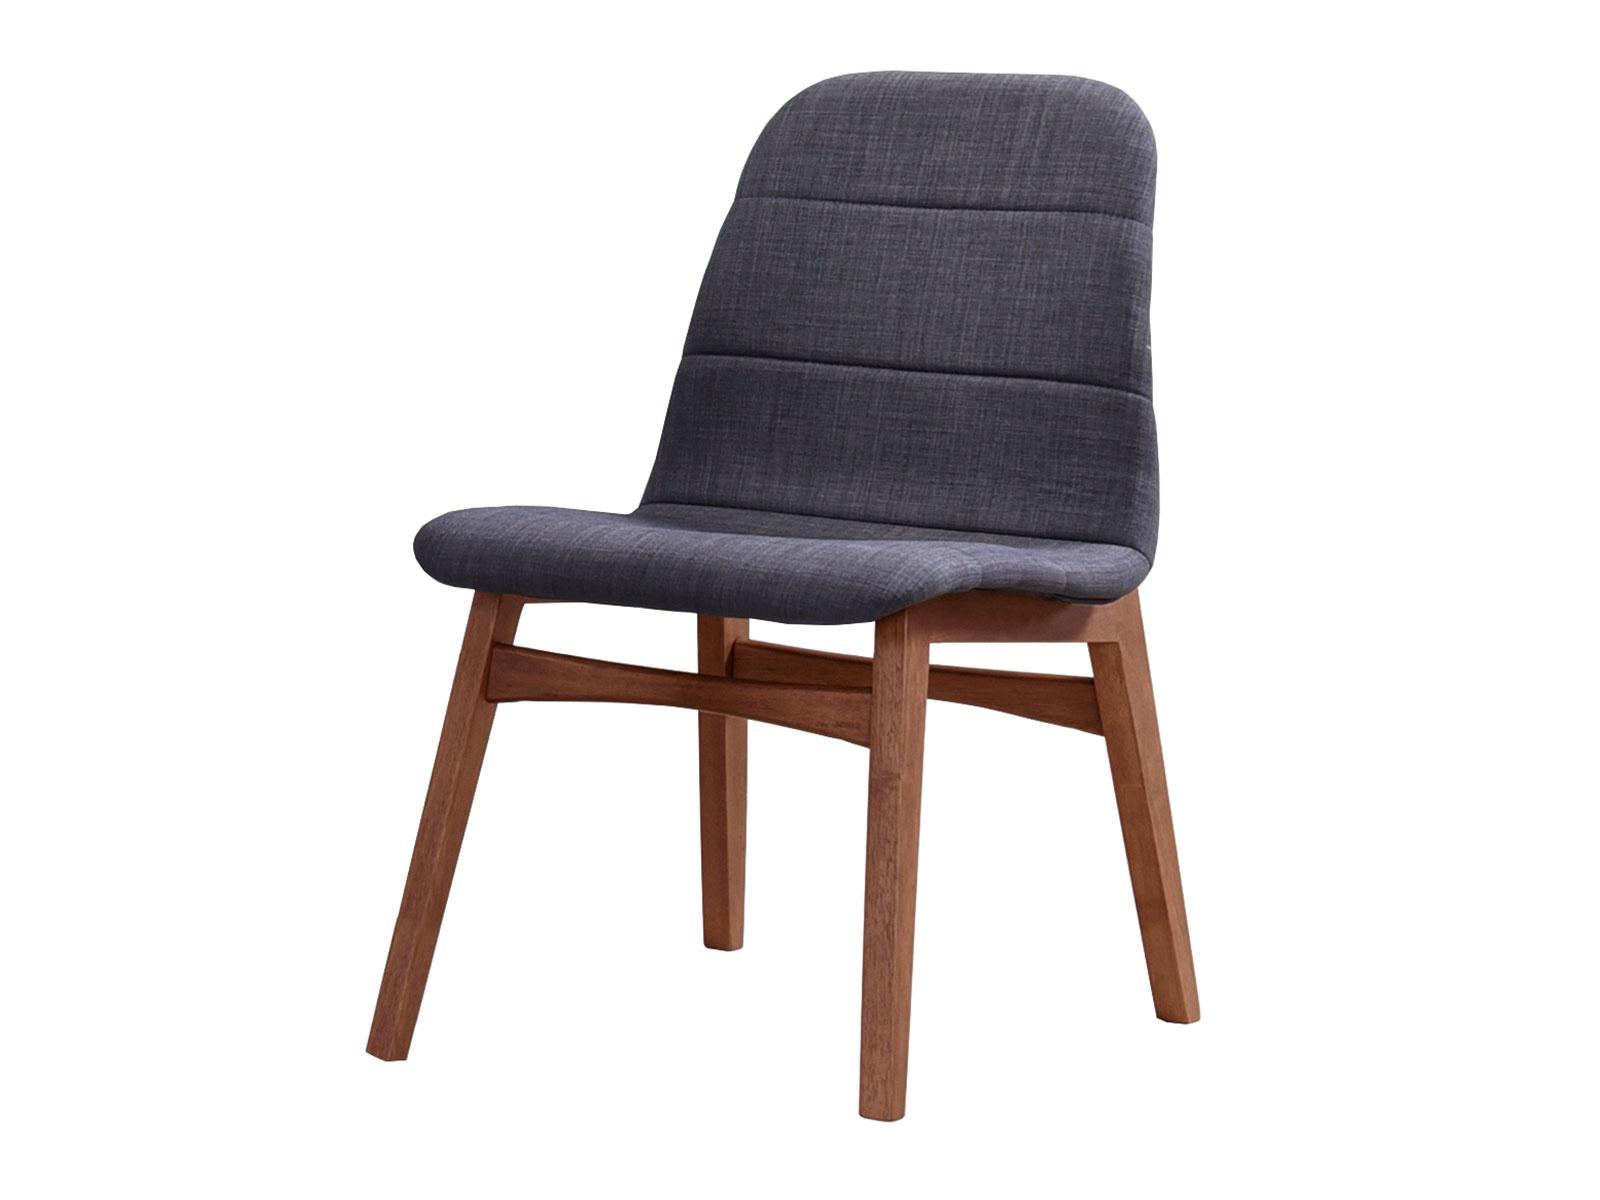 Scaun din lemn tapitat cu stofa Mia l495xA57xH835 cm